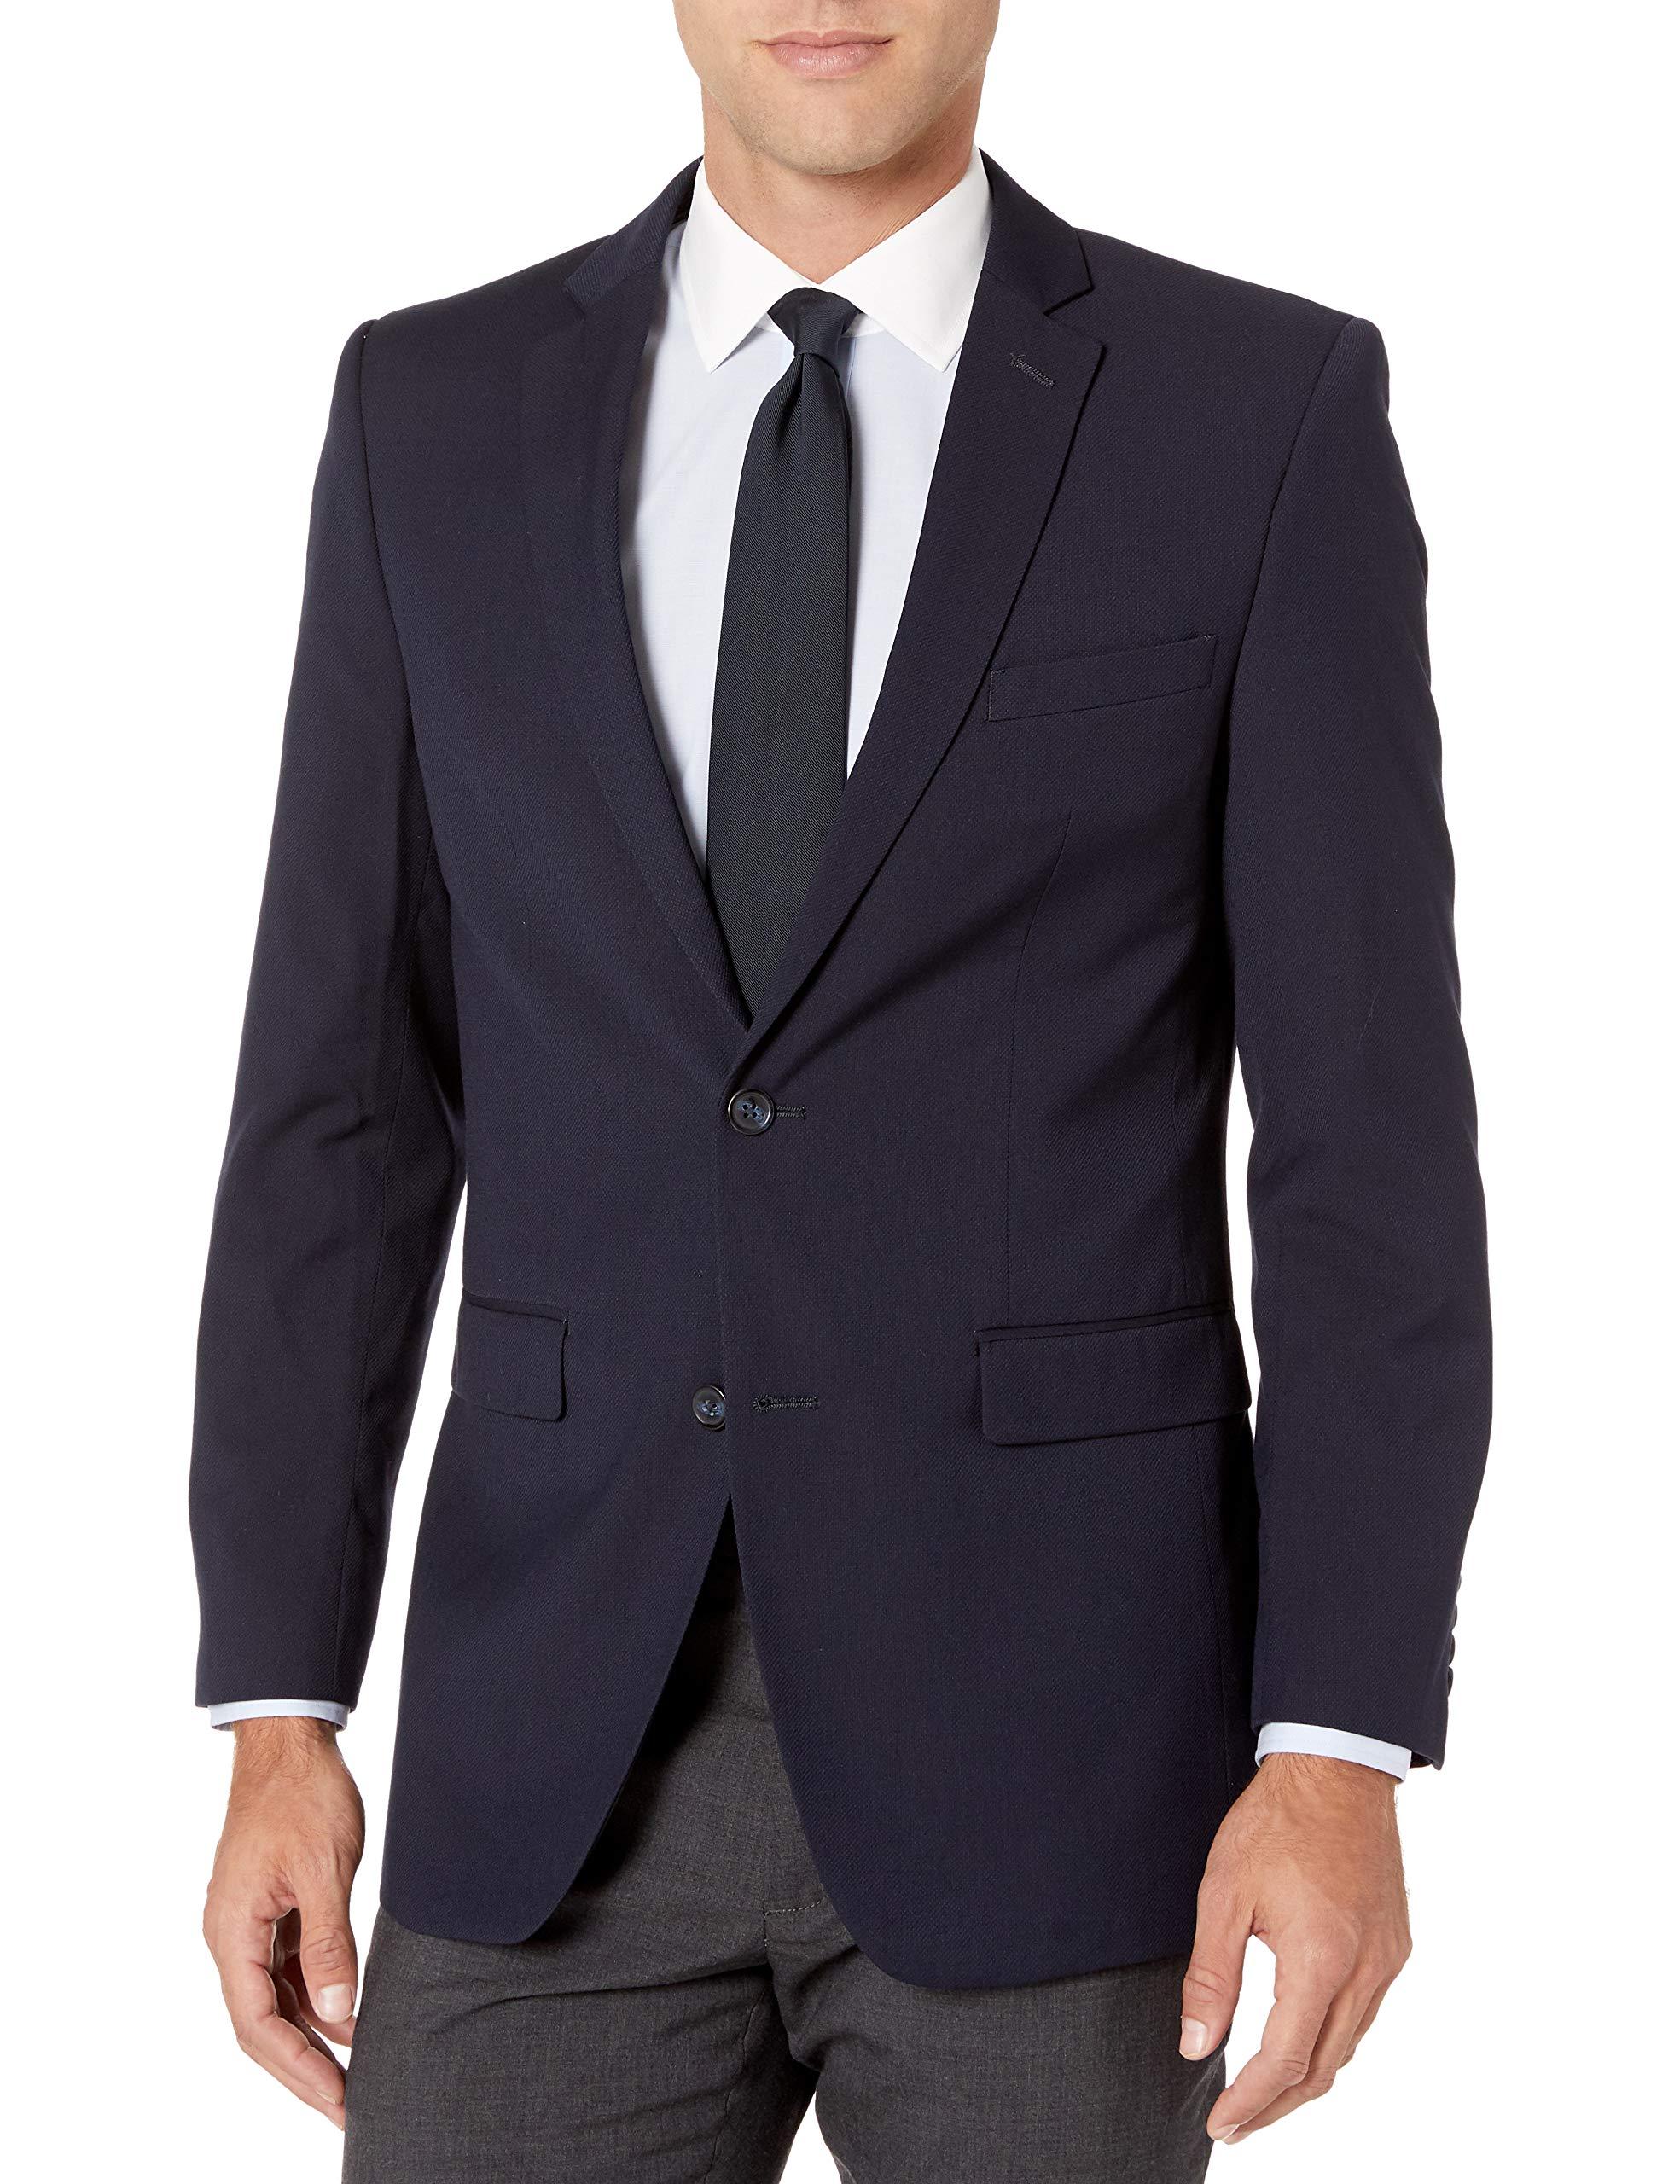 Perry Ellis Men's Slim Fit Blazer, Navy Hopsak, 36 Regular by Perry Ellis